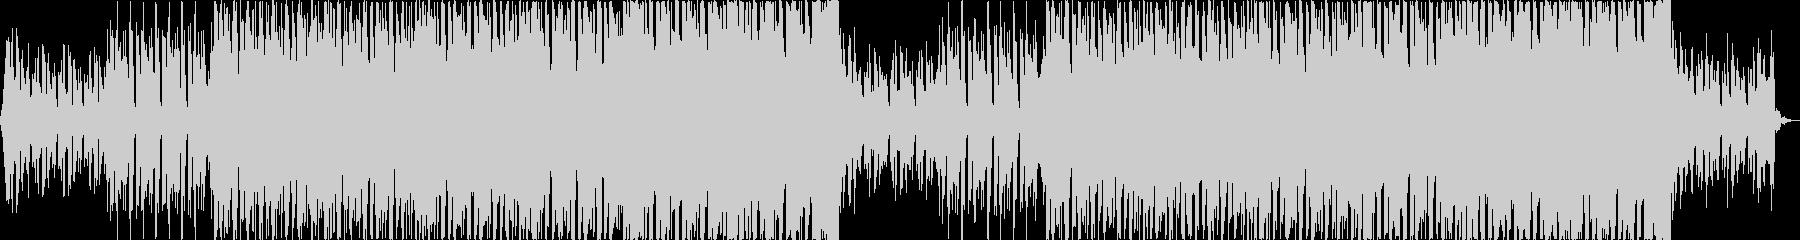 軽快清涼感クールEDMトロピカルハウスaの未再生の波形